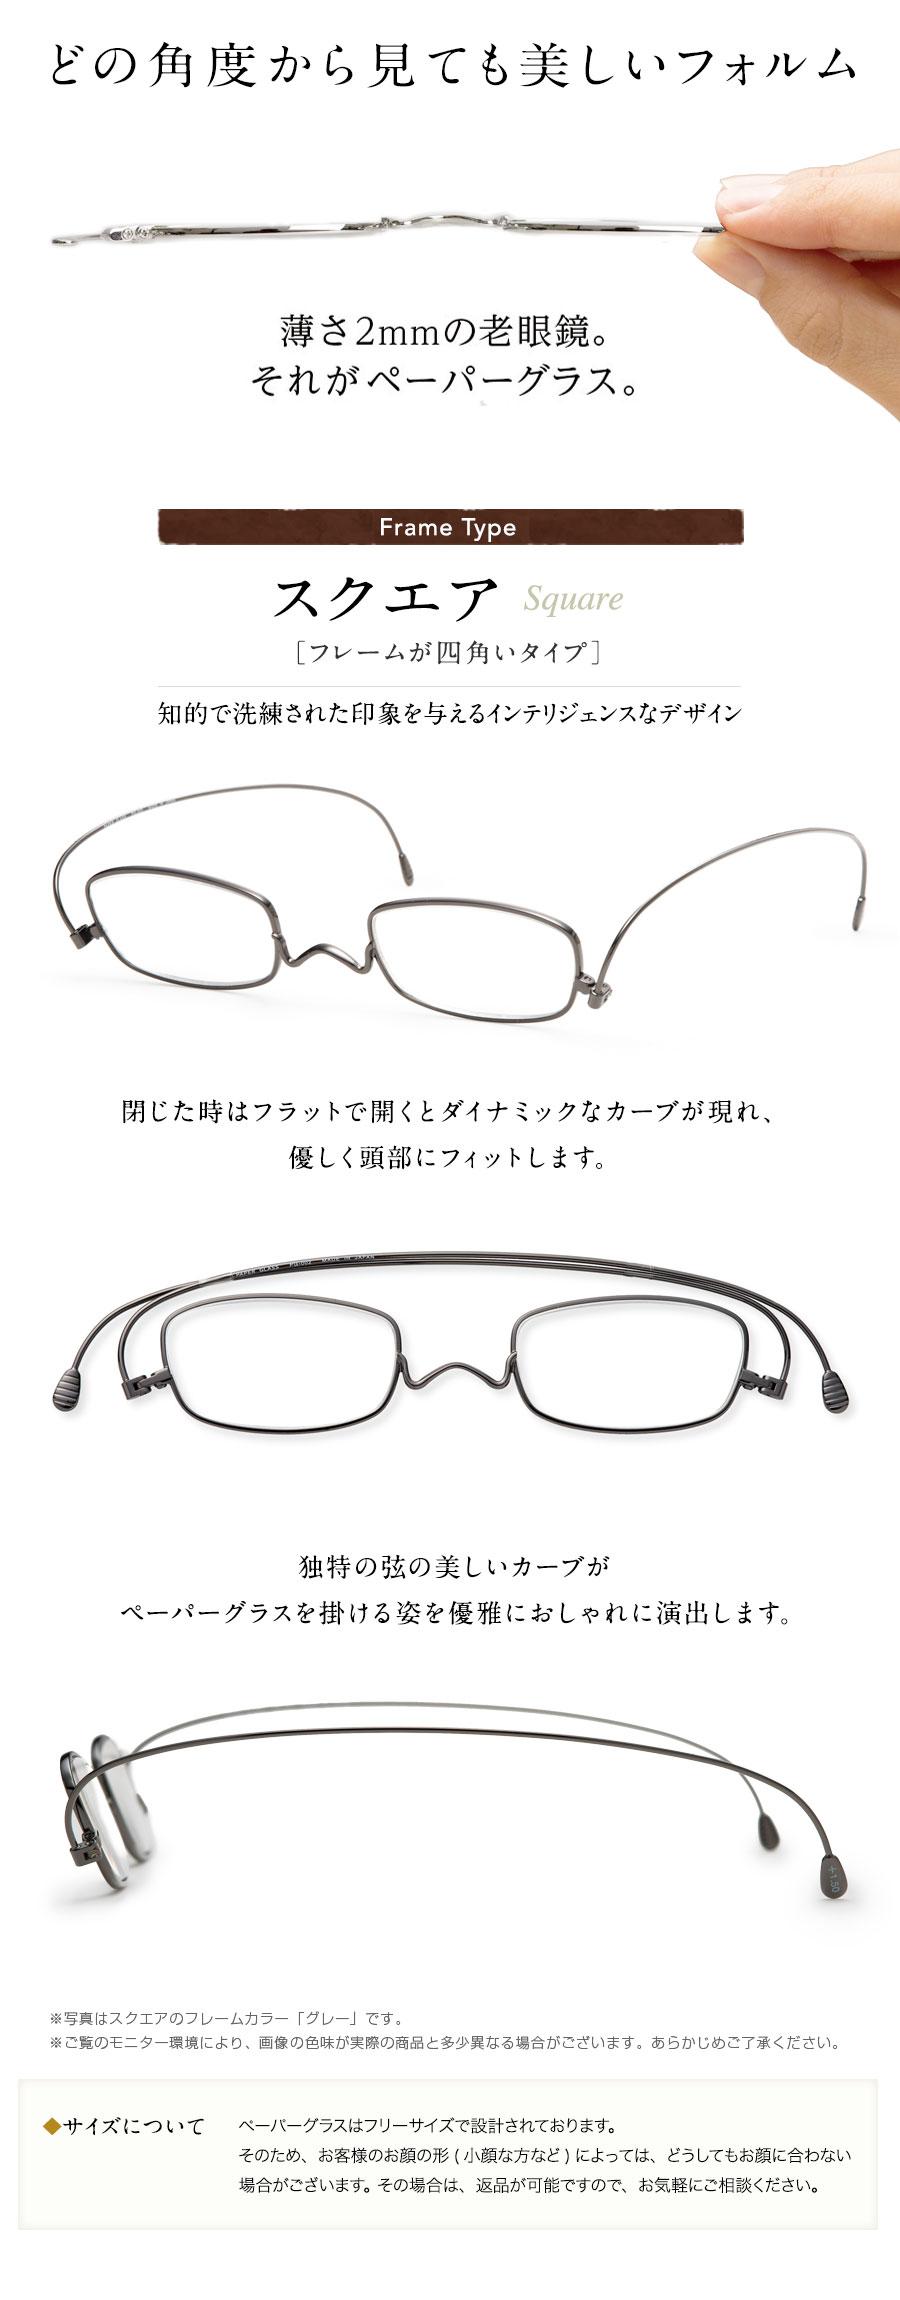 どこから見ても美しい 男性 女性 おしゃれな薄型老眼鏡ペーパーグラス(シニアグラス、リーディンググラス)スクエア